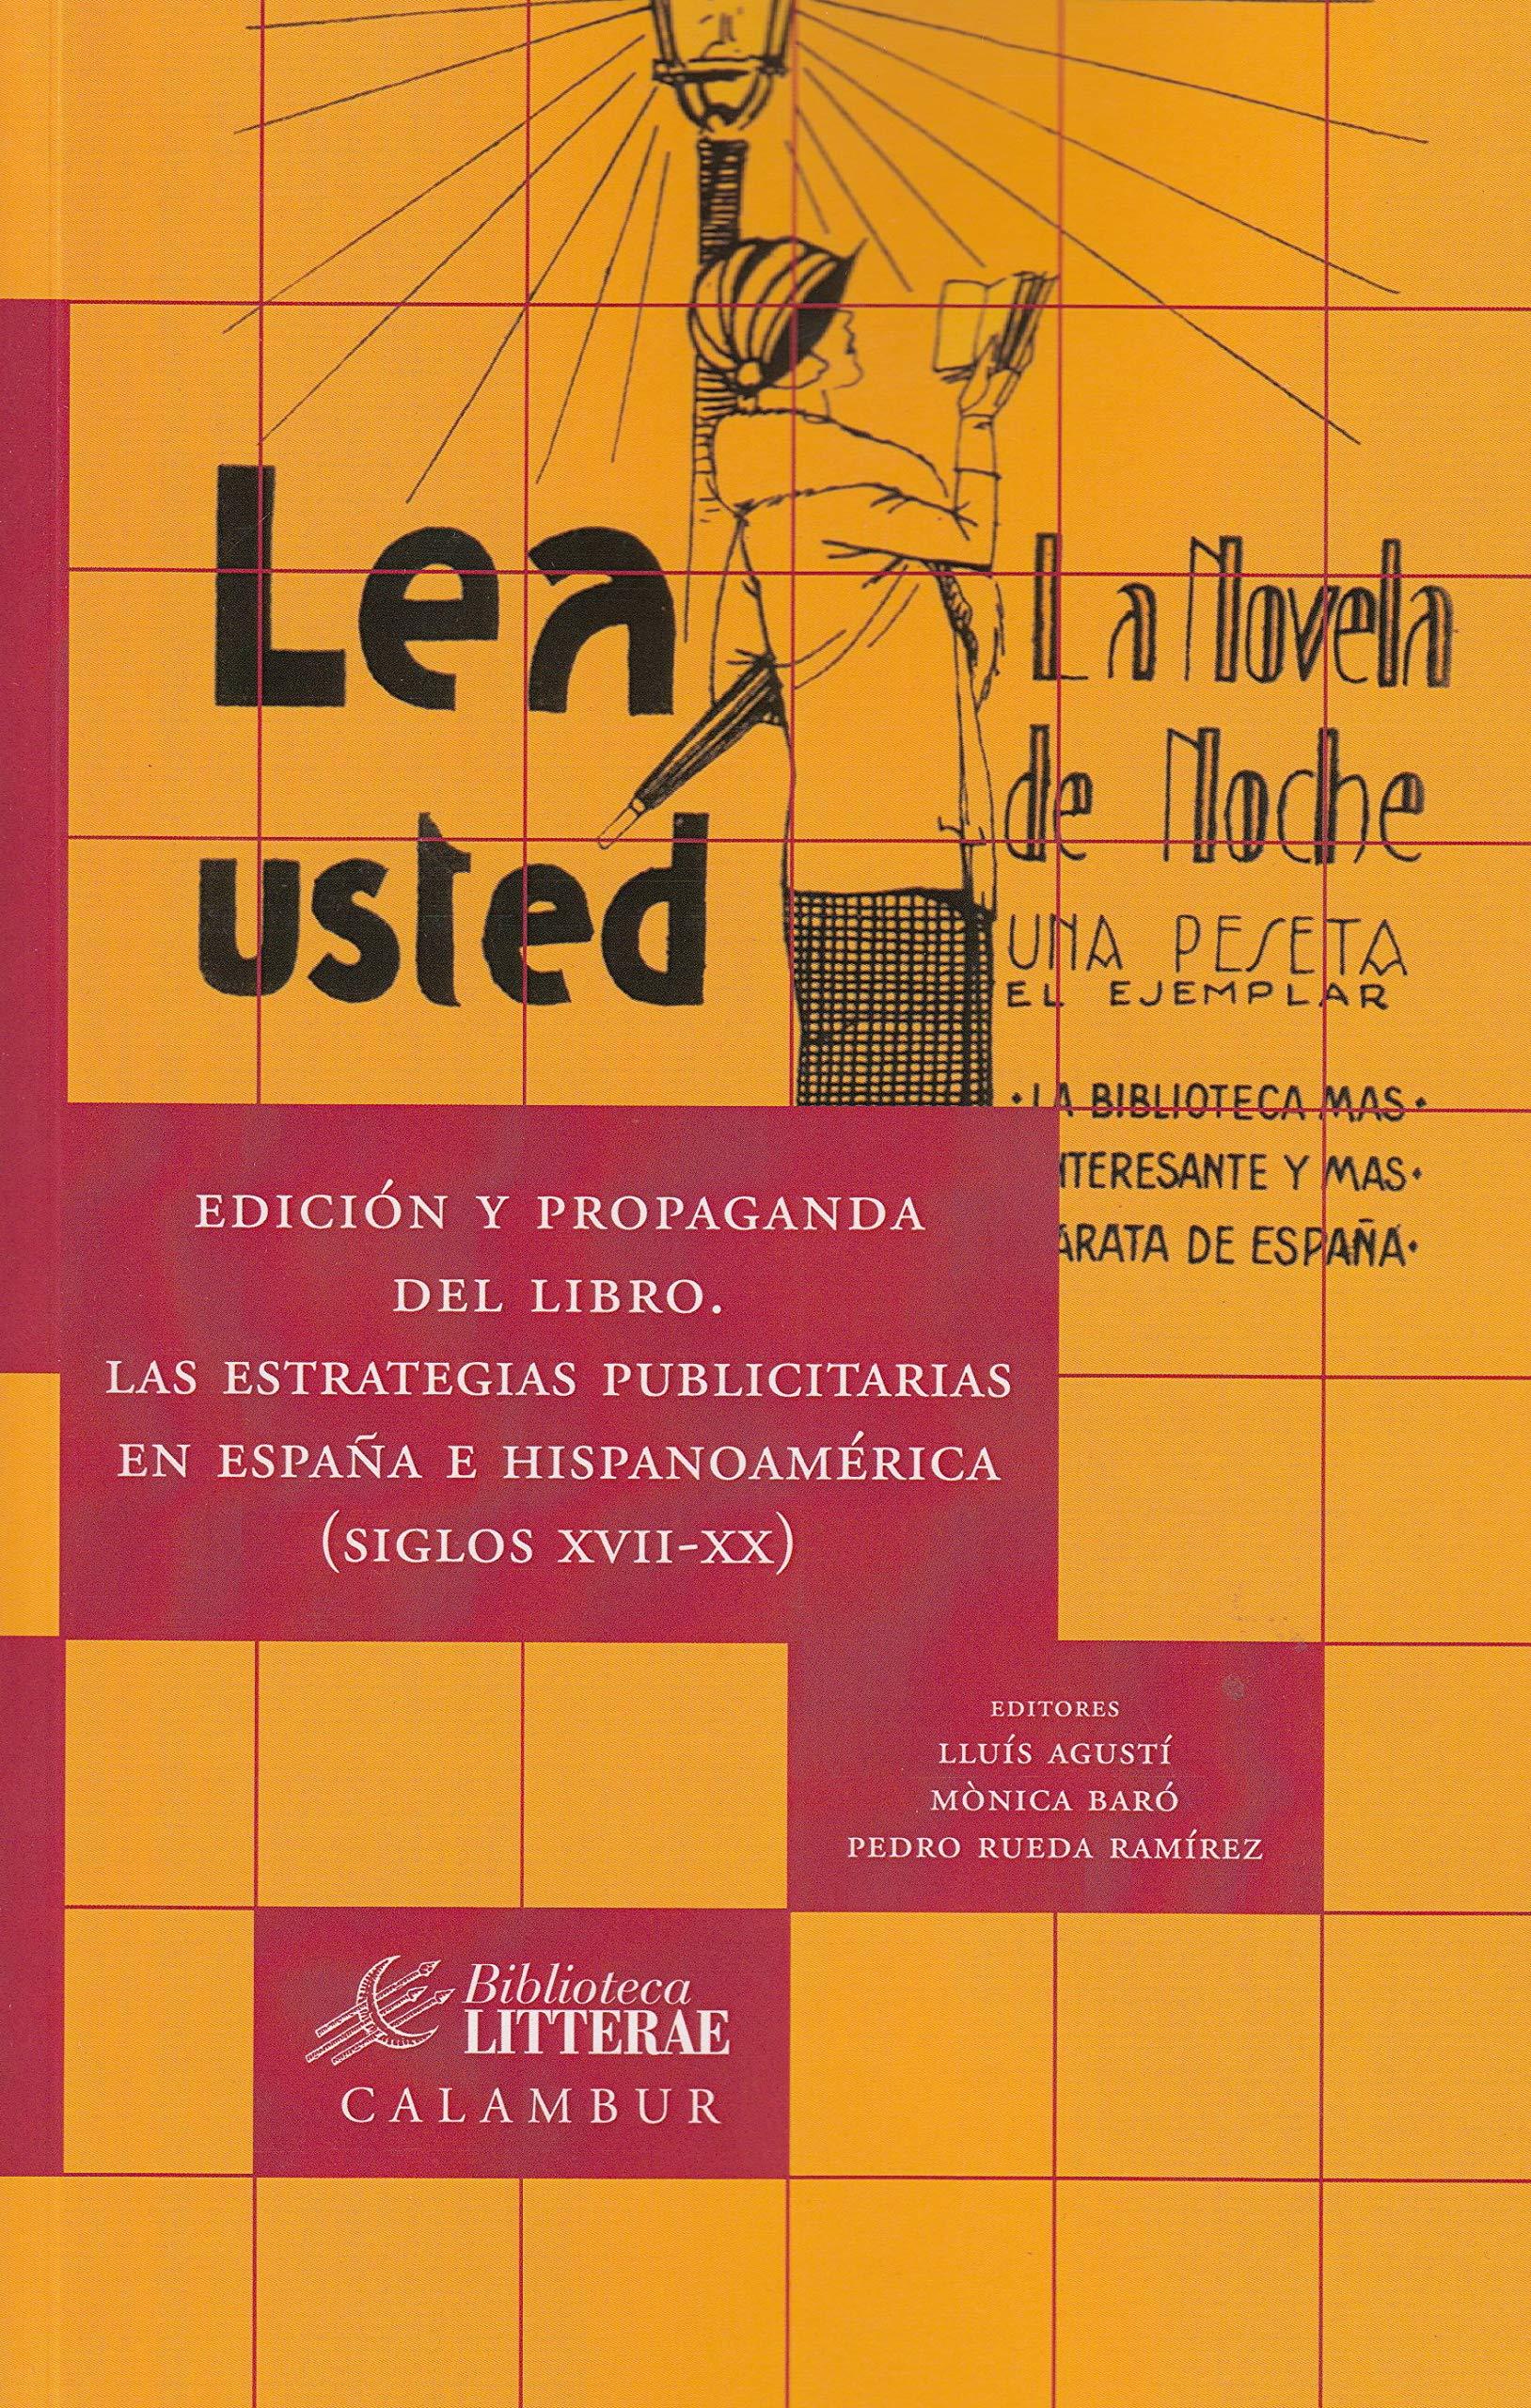 Edicion y propaganda del libro: Amazon.es: Vvaa, Vvaa: Libros